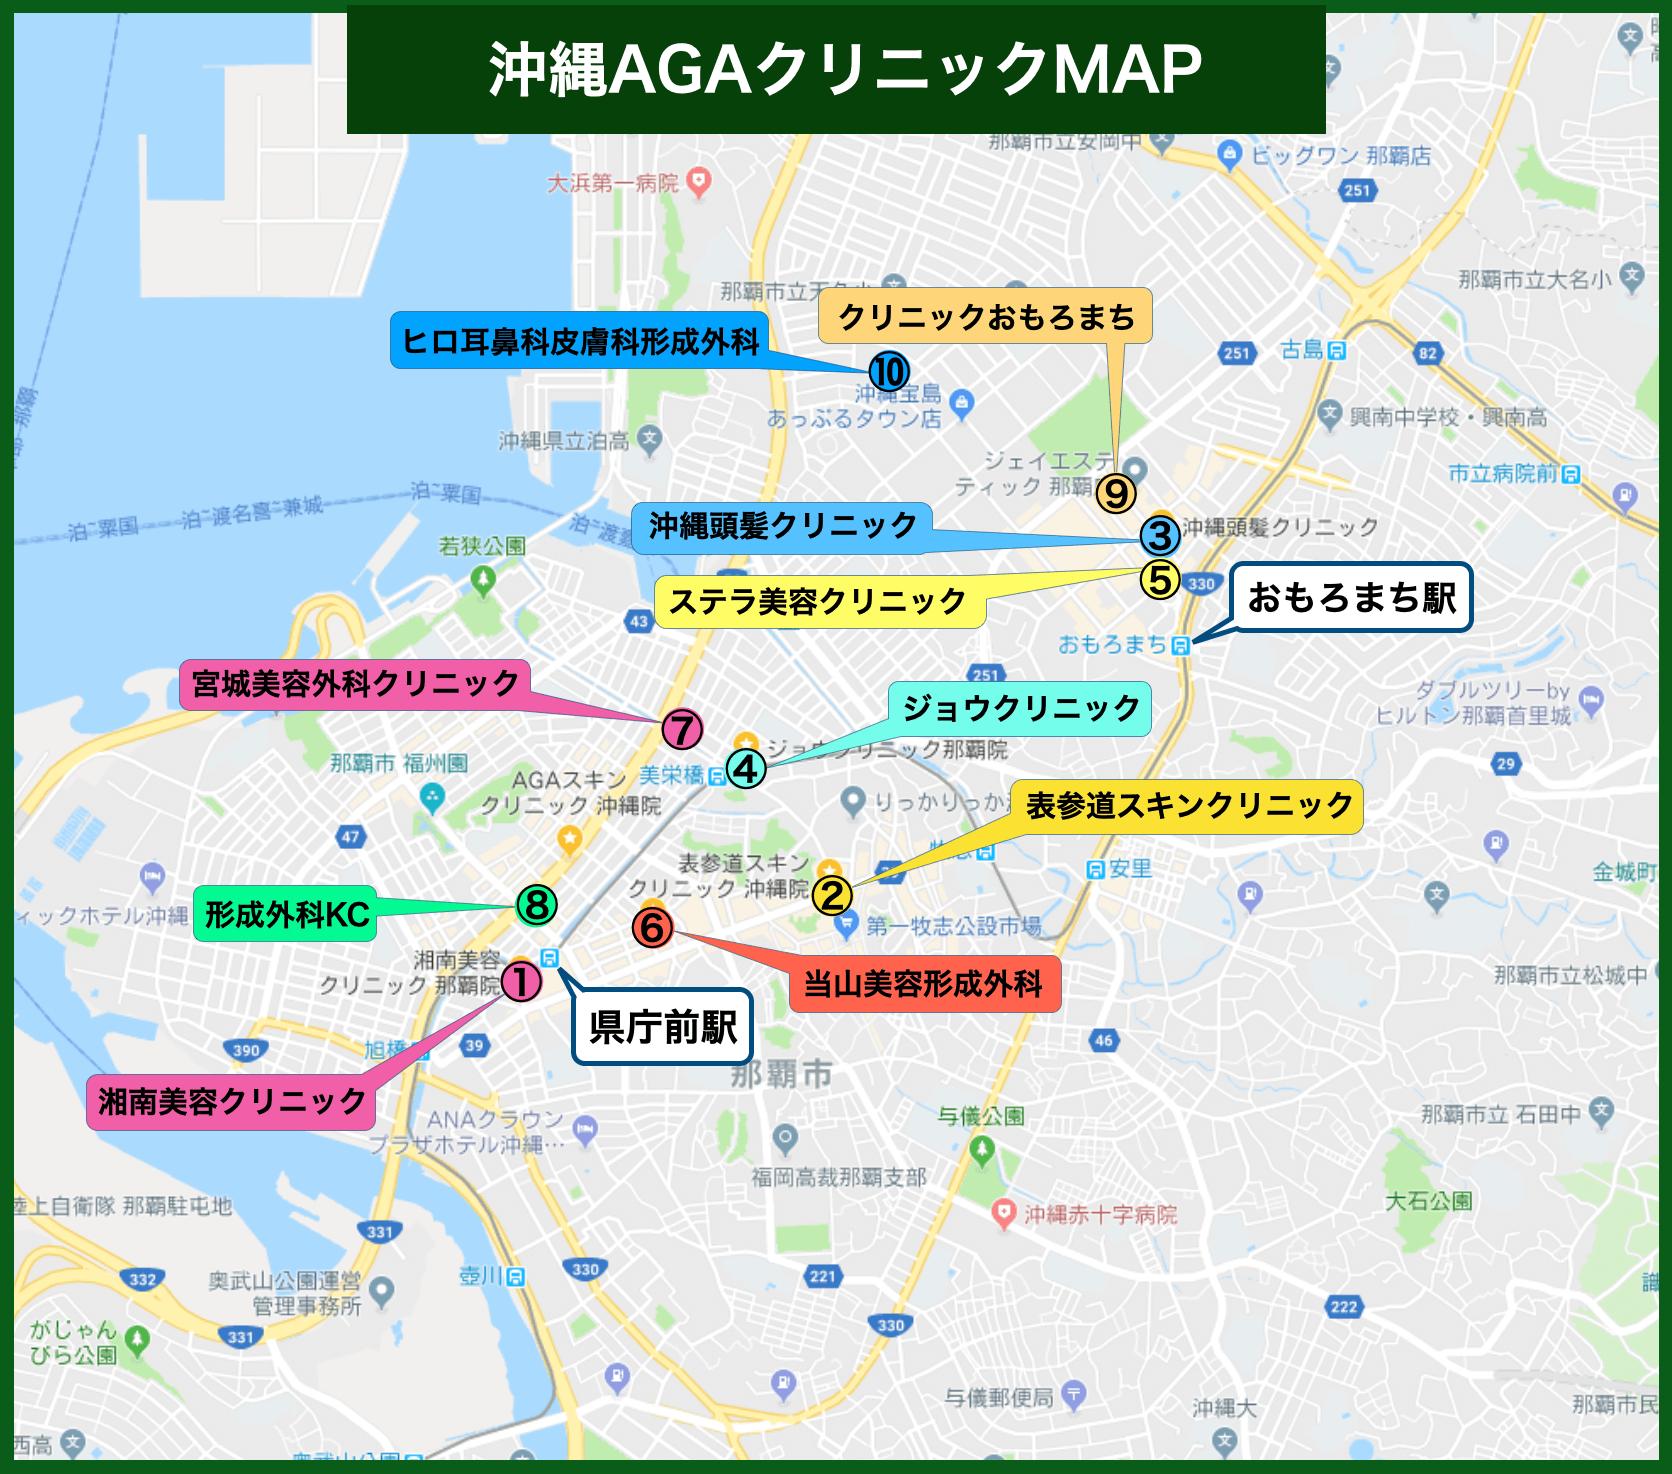 沖縄 AGAクリニックMAP